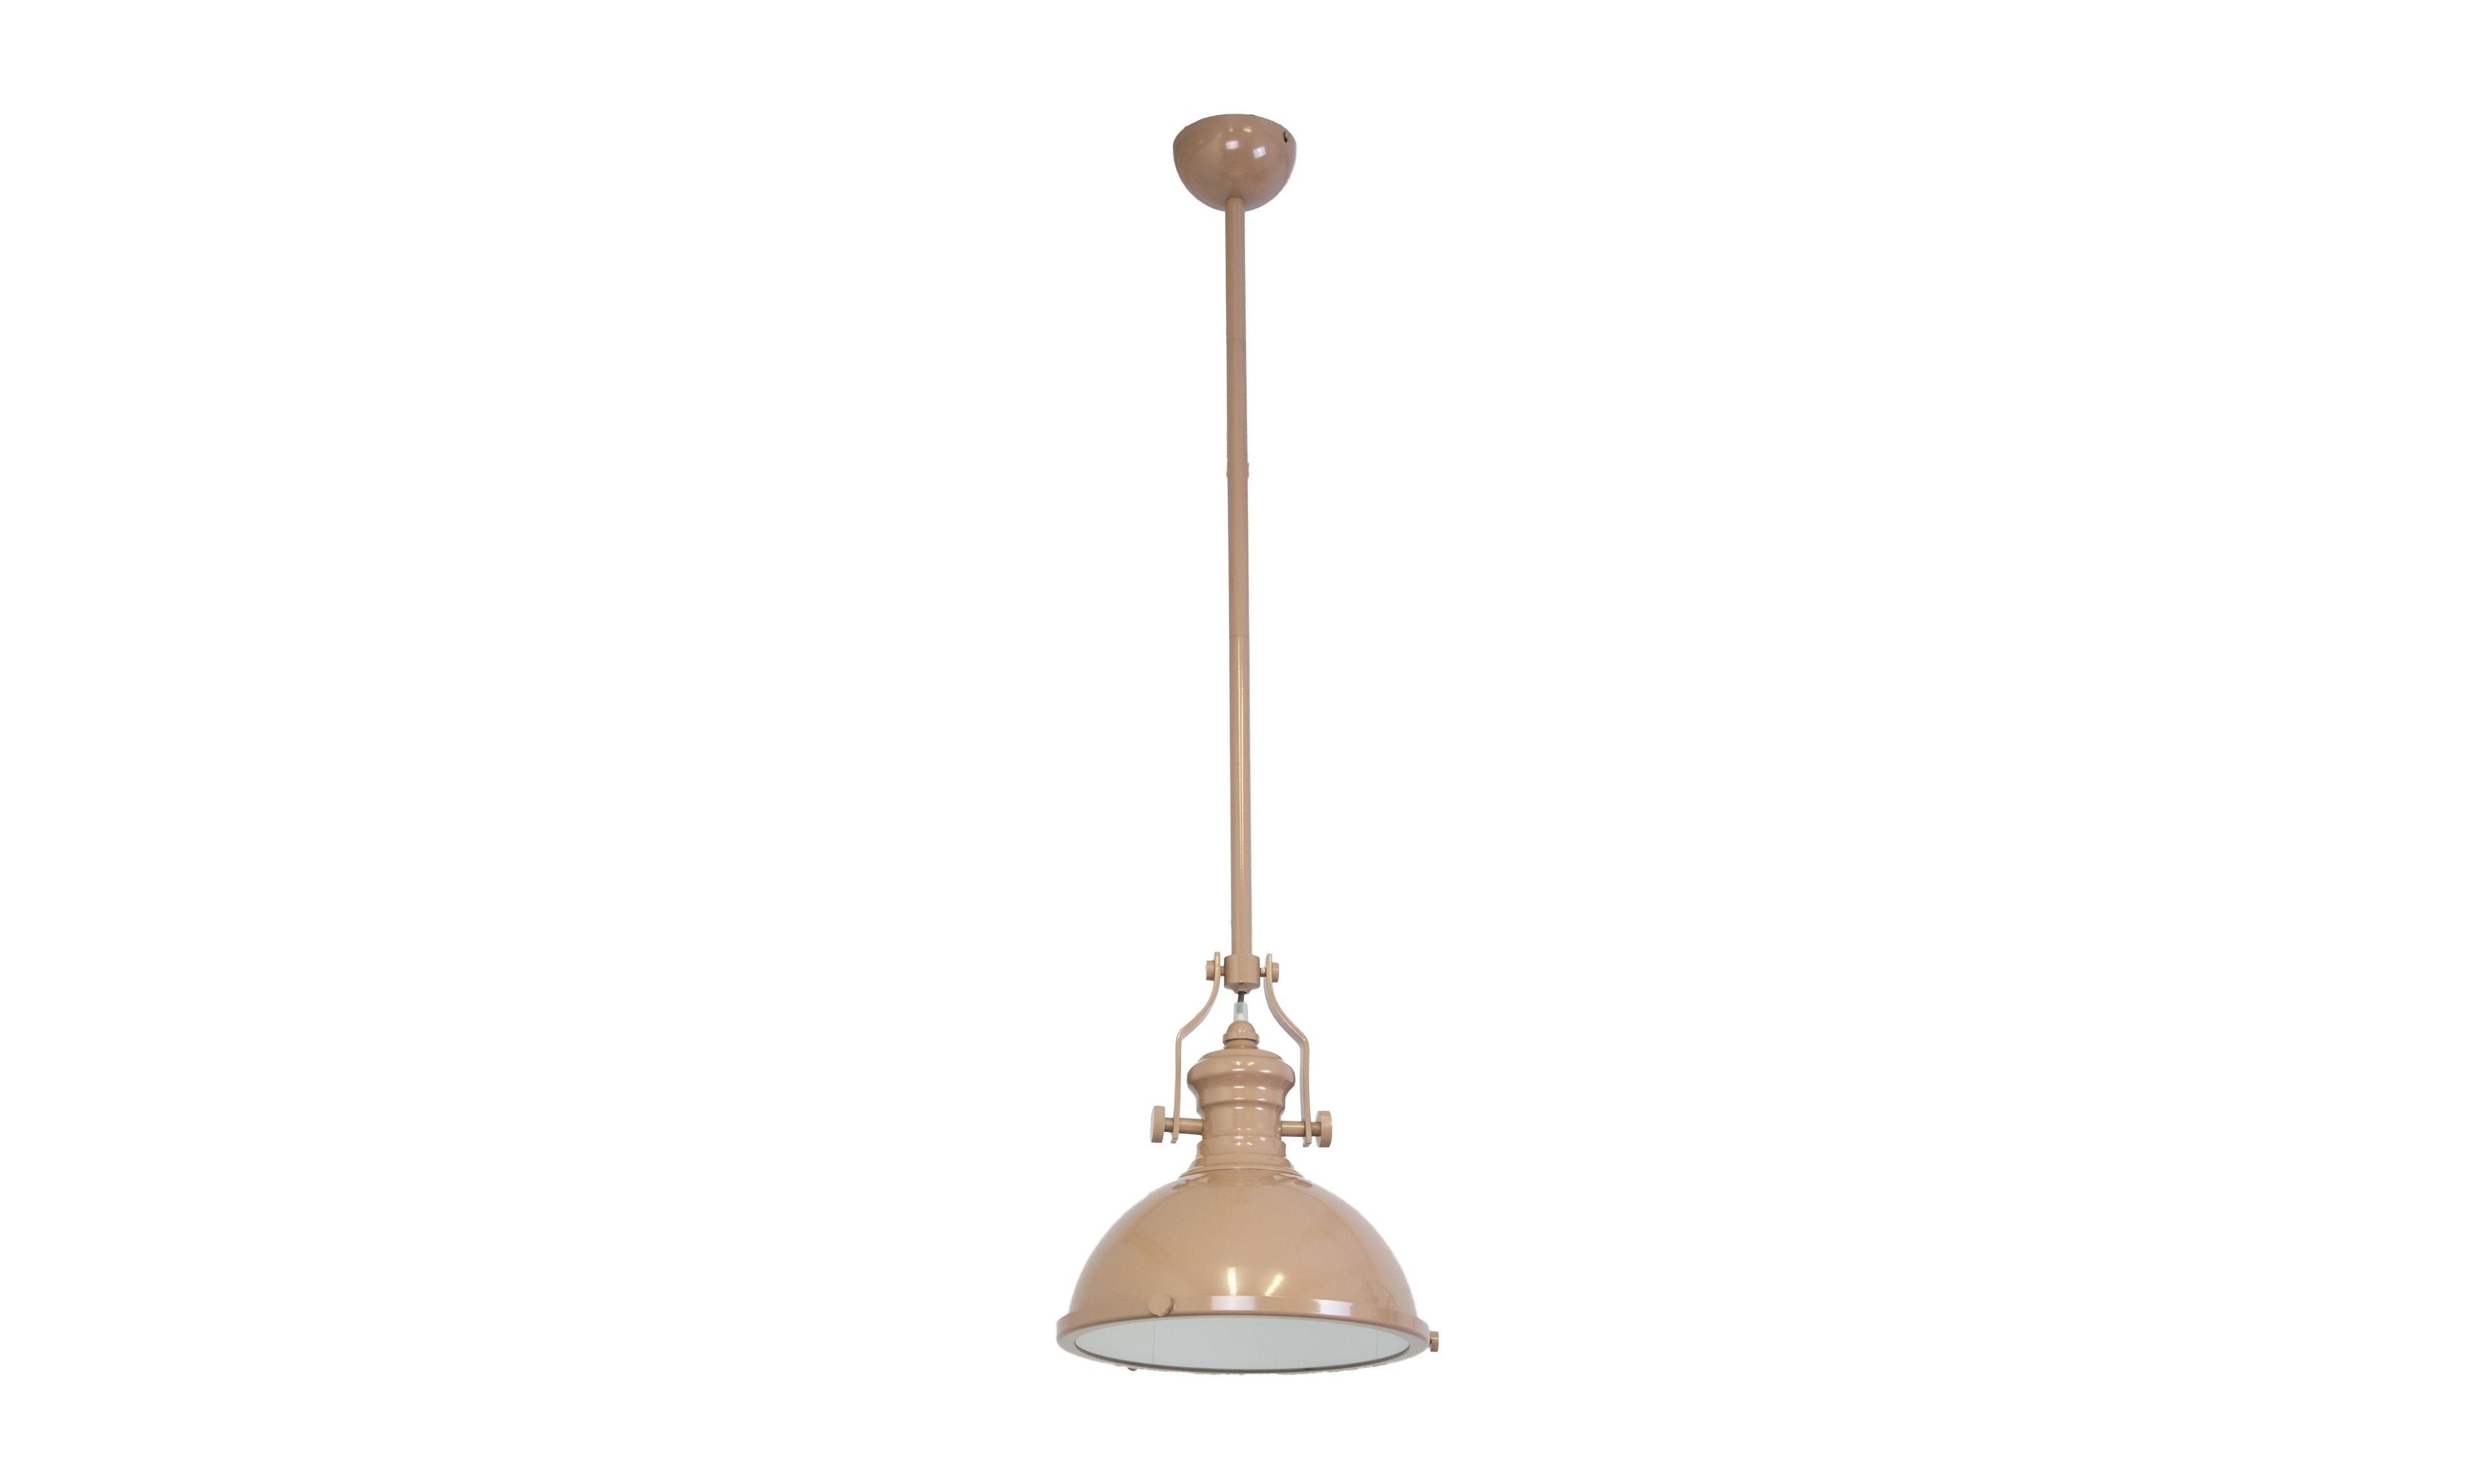 Подвесной светильник MenaПодвесные светильники<br>Подвесная люстра, в которой органично сочетается незамысловатый декор и оригинальное исполнение. Люстра смотрится легко, стильно, дарит яркий свет. Довольно длинный подвес позволяет использовать эту люстру в помещениях с нестандартной высотой потолков.&amp;lt;div&amp;gt;&amp;lt;br&amp;gt;&amp;lt;/div&amp;gt;&amp;lt;div&amp;gt;&amp;lt;div&amp;gt;Количество ламп: 1.&amp;lt;/div&amp;gt;&amp;lt;div&amp;gt;Тип цоколя: Е27.&amp;lt;/div&amp;gt;&amp;lt;/div&amp;gt;&amp;lt;div&amp;gt;Мощность: 40W.&amp;lt;br&amp;gt;&amp;lt;/div&amp;gt;<br><br>Material: Металл<br>Высота см: 94